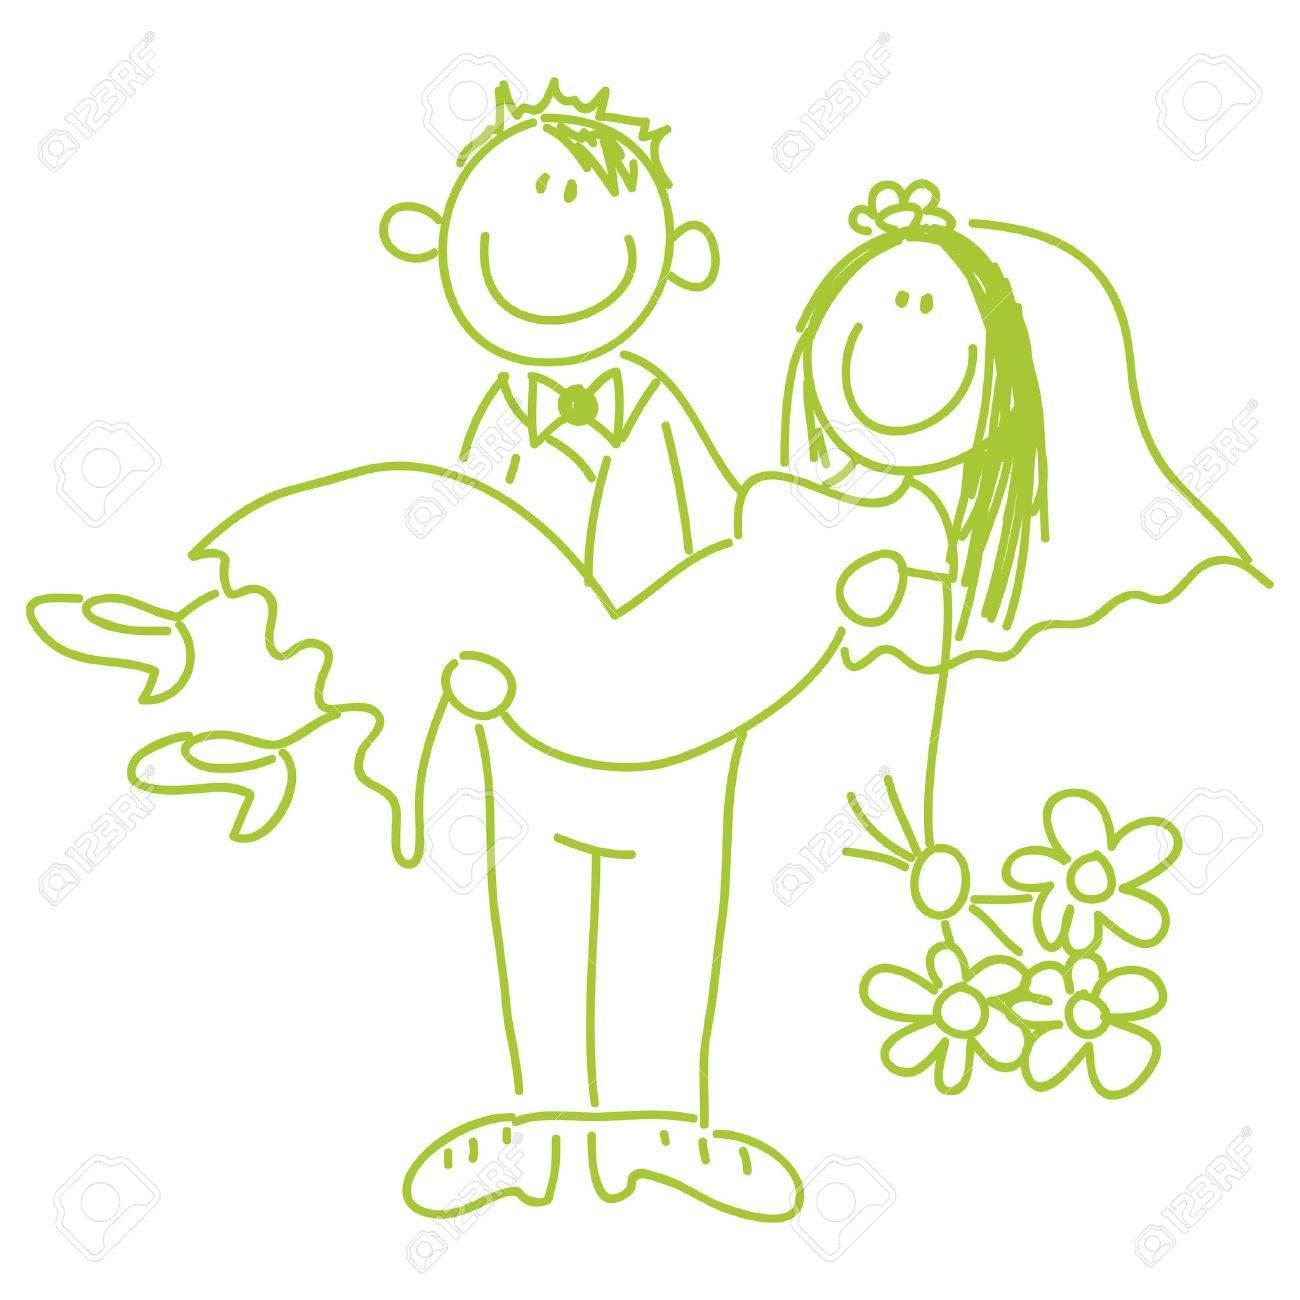 花嫁と新郎結婚式 イラストのイラスト素材ベクタ Image 5964507